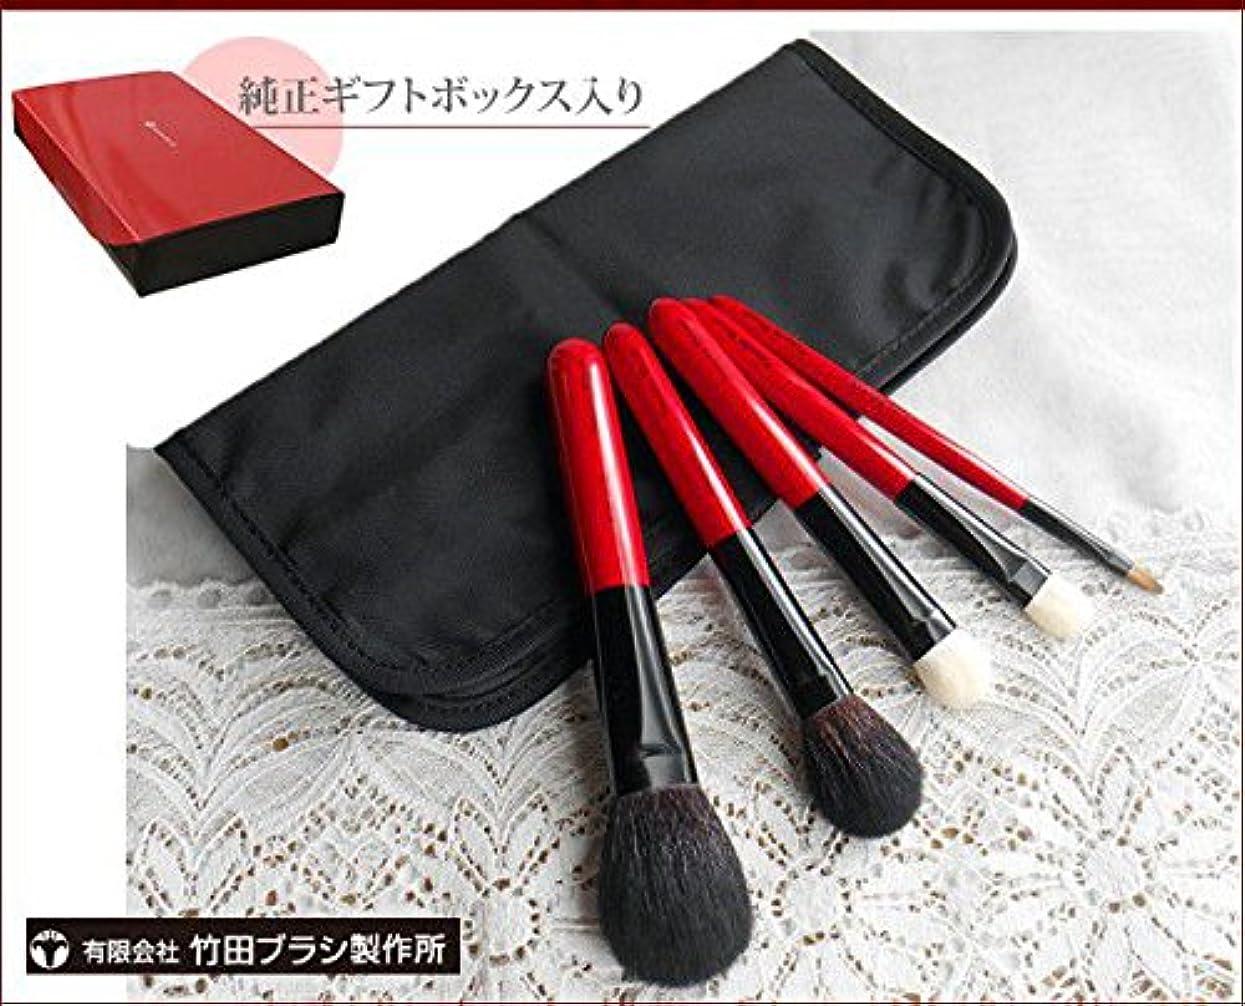 より否認する周り有限会社竹田ブラシ製作所の熊野化粧筆 特別5本セット